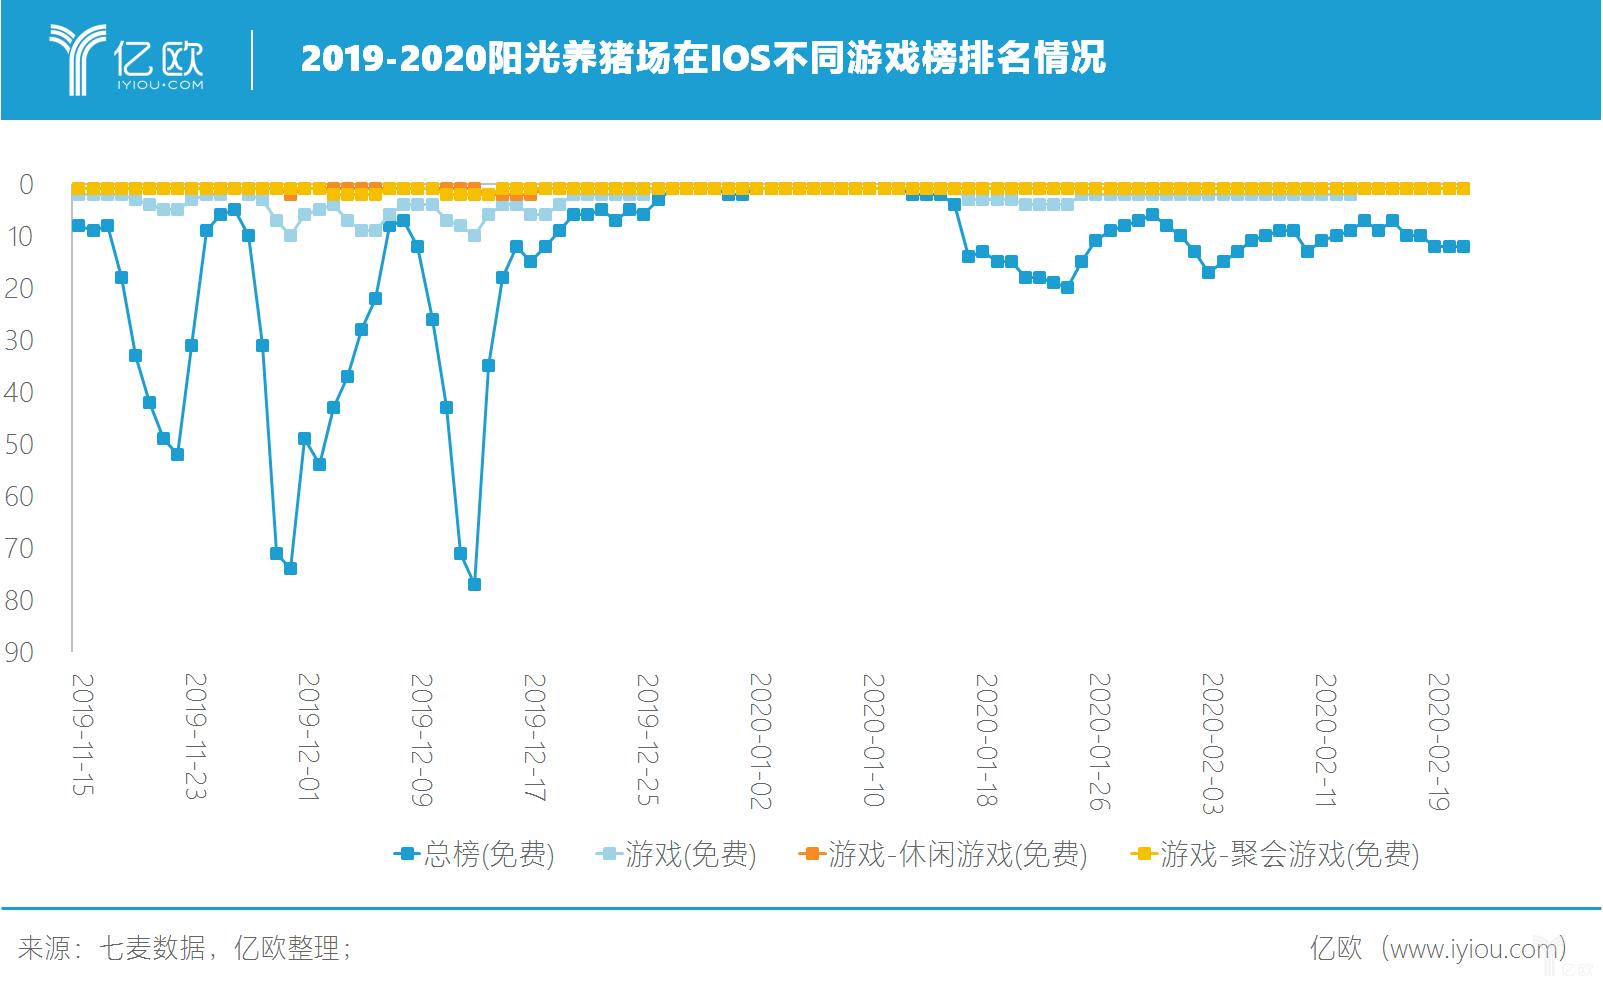 亿欧:2019-2020阳光养猪场在IOS不同游戏榜排名情况